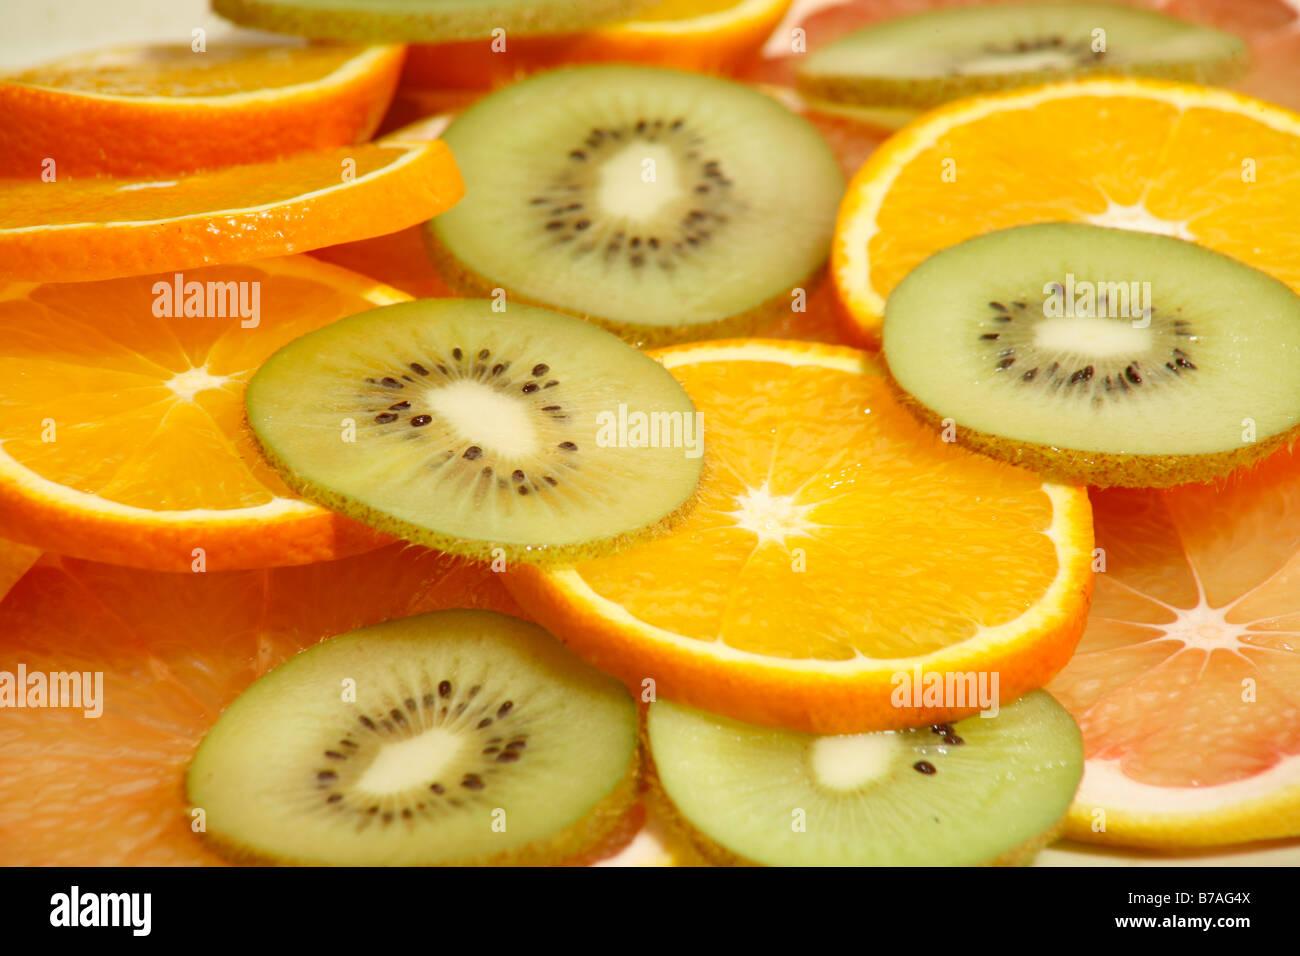 Grapefruit Orange and Kiwi - Stock Image